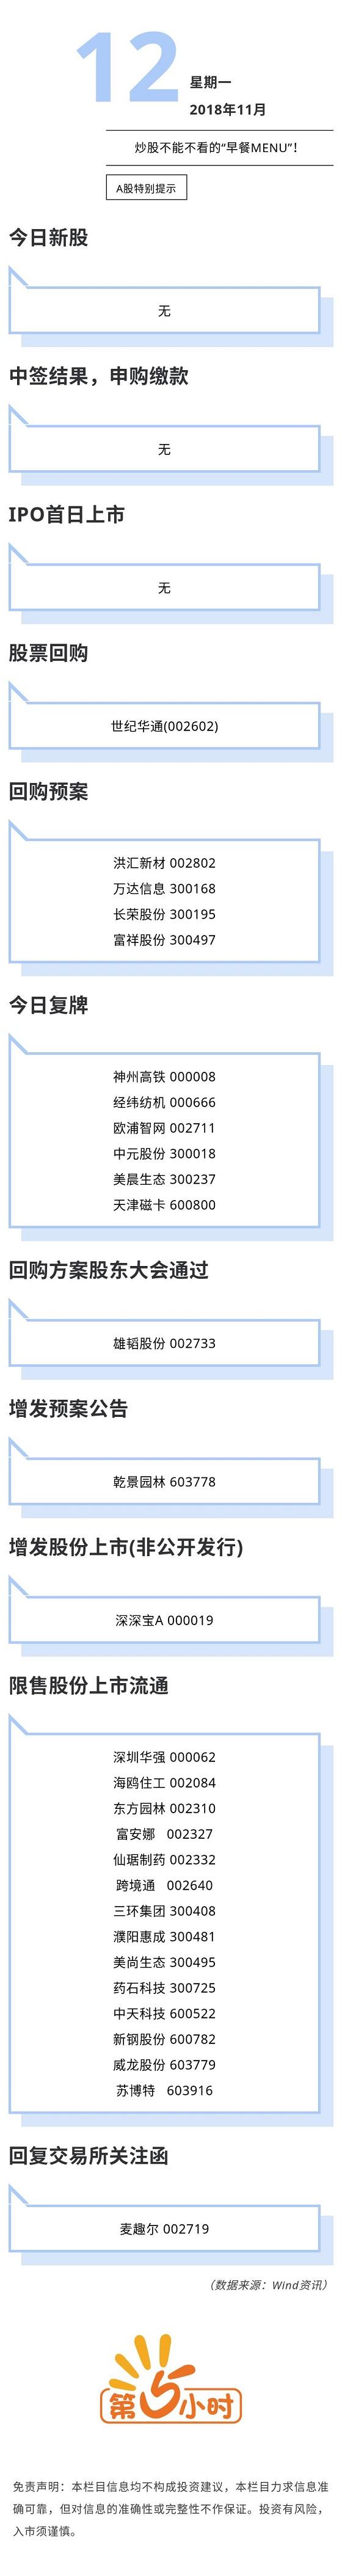 A股特别提示(2018-11-12).jpg